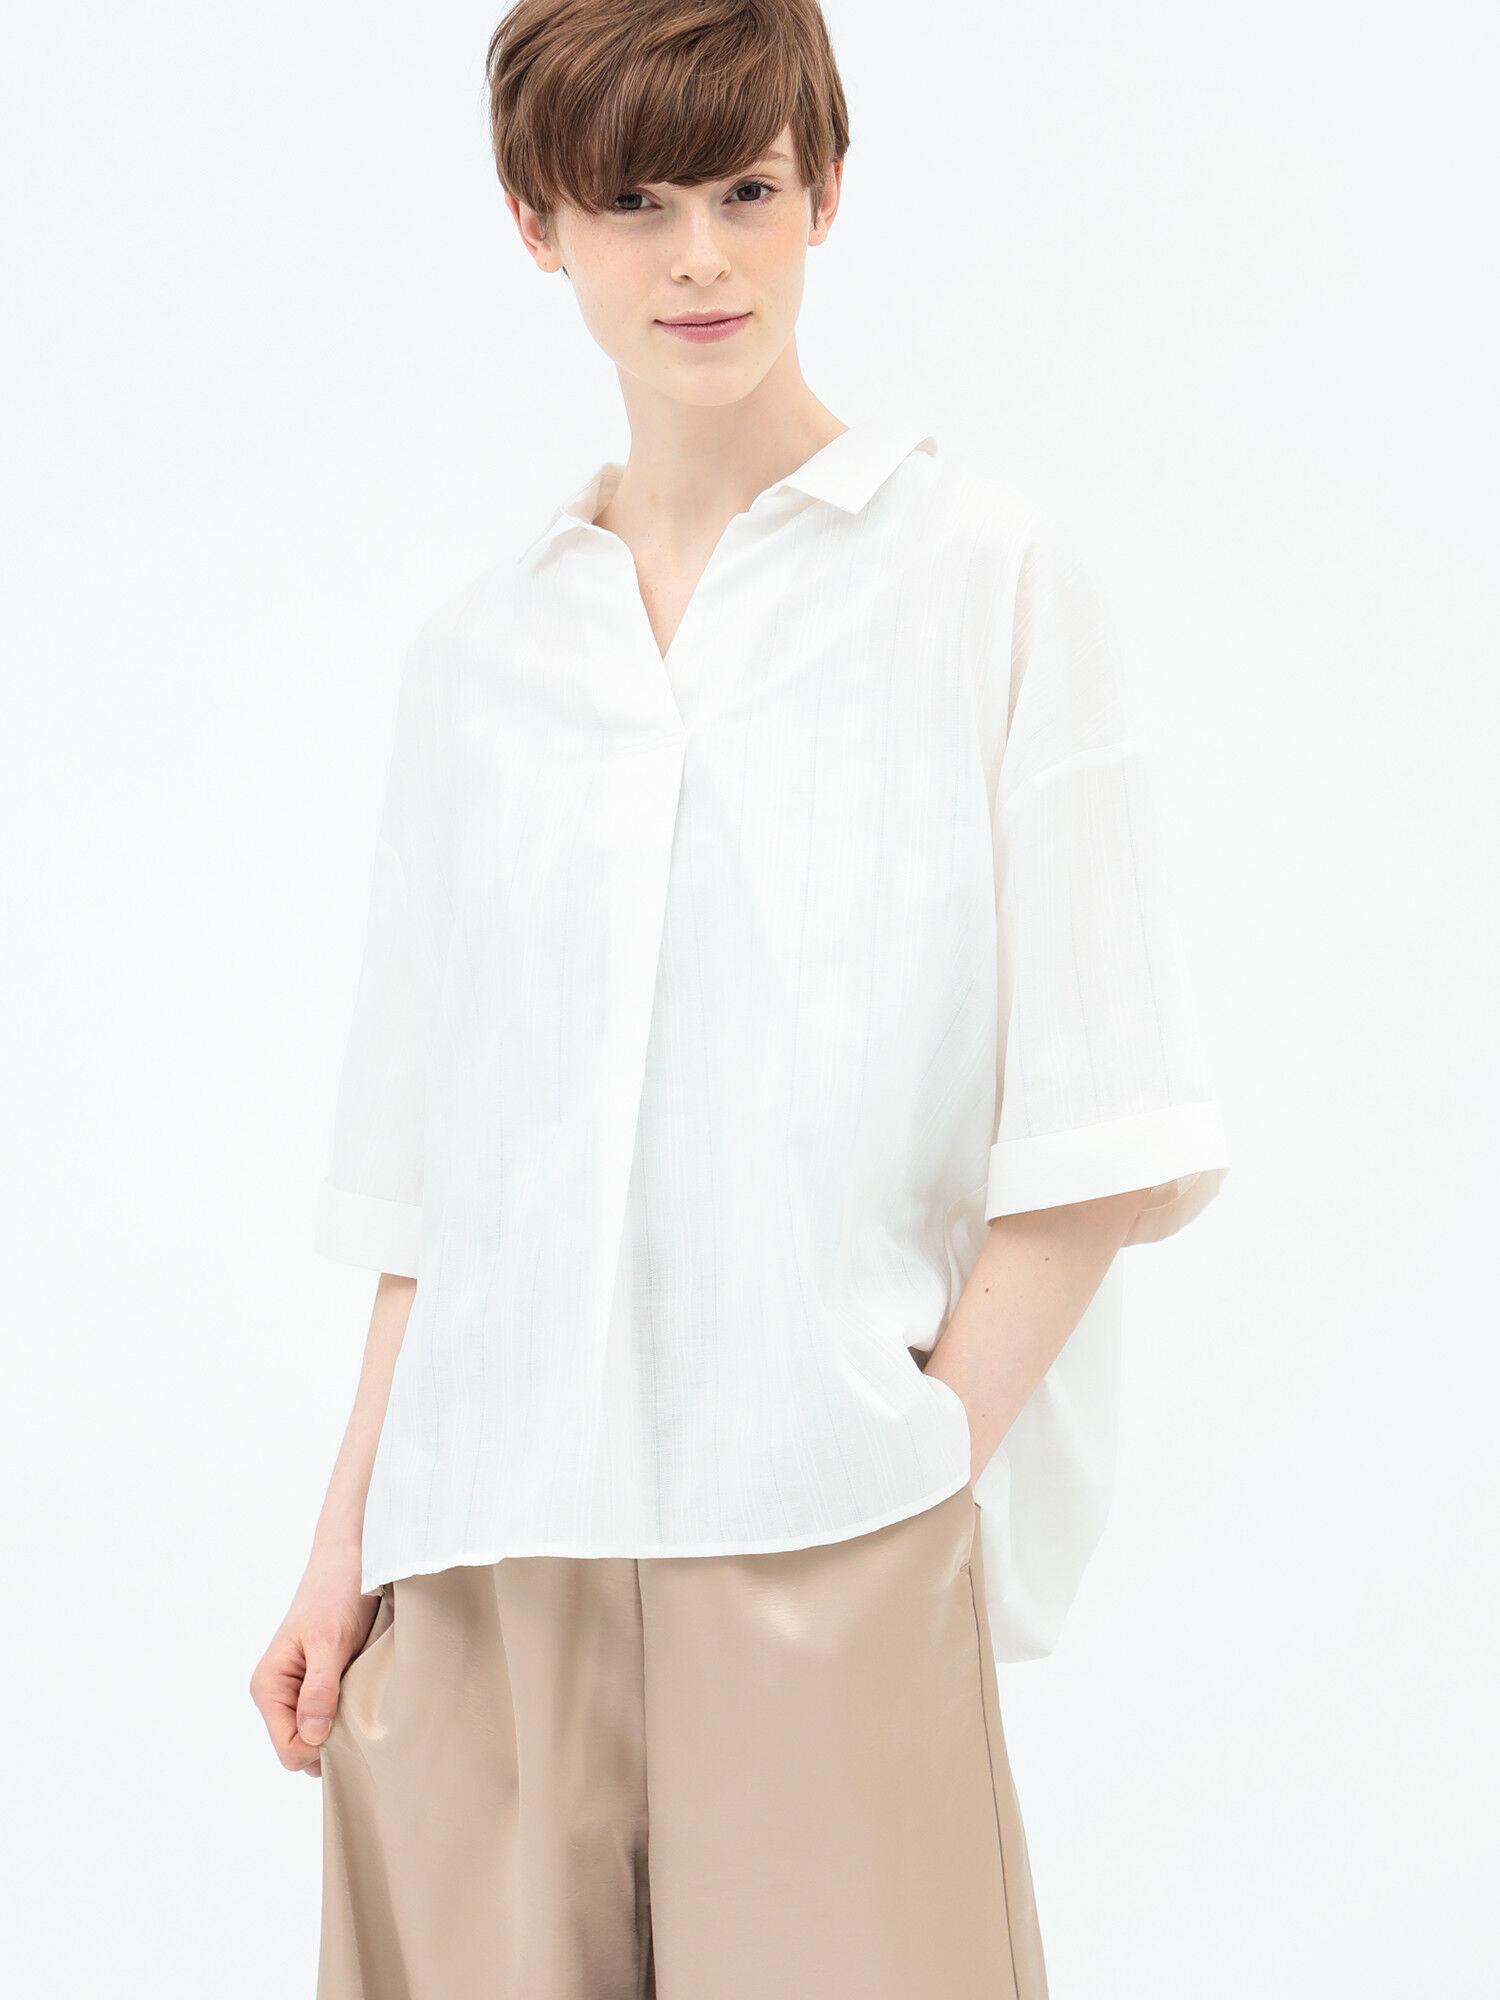 ・ドビースキッパーシャツ